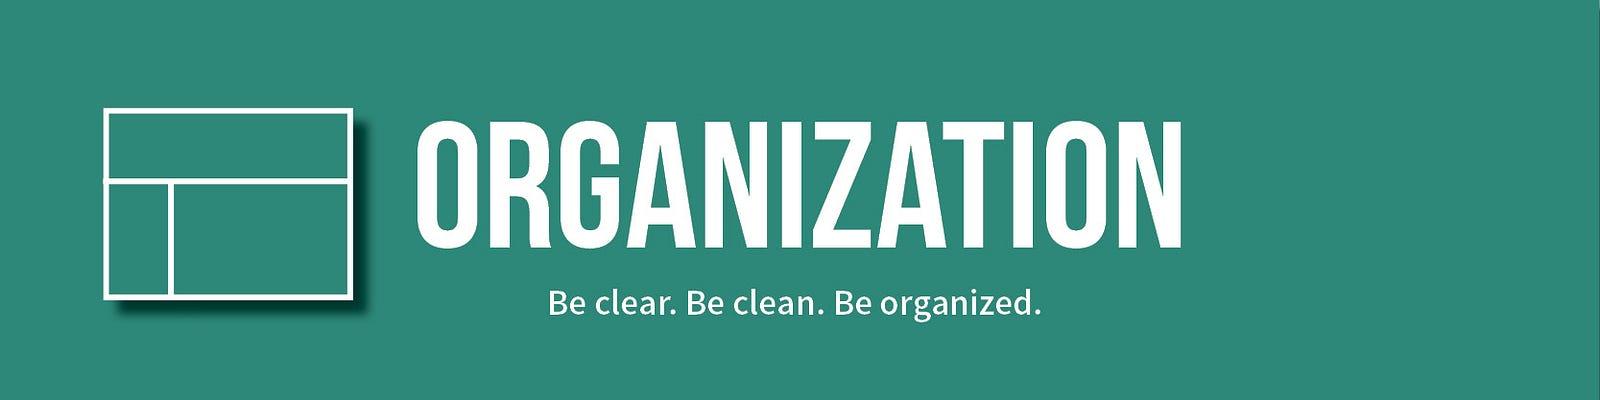 Organization Is Essential in the Creative Process \u2013 Creativity \u2013 Medium